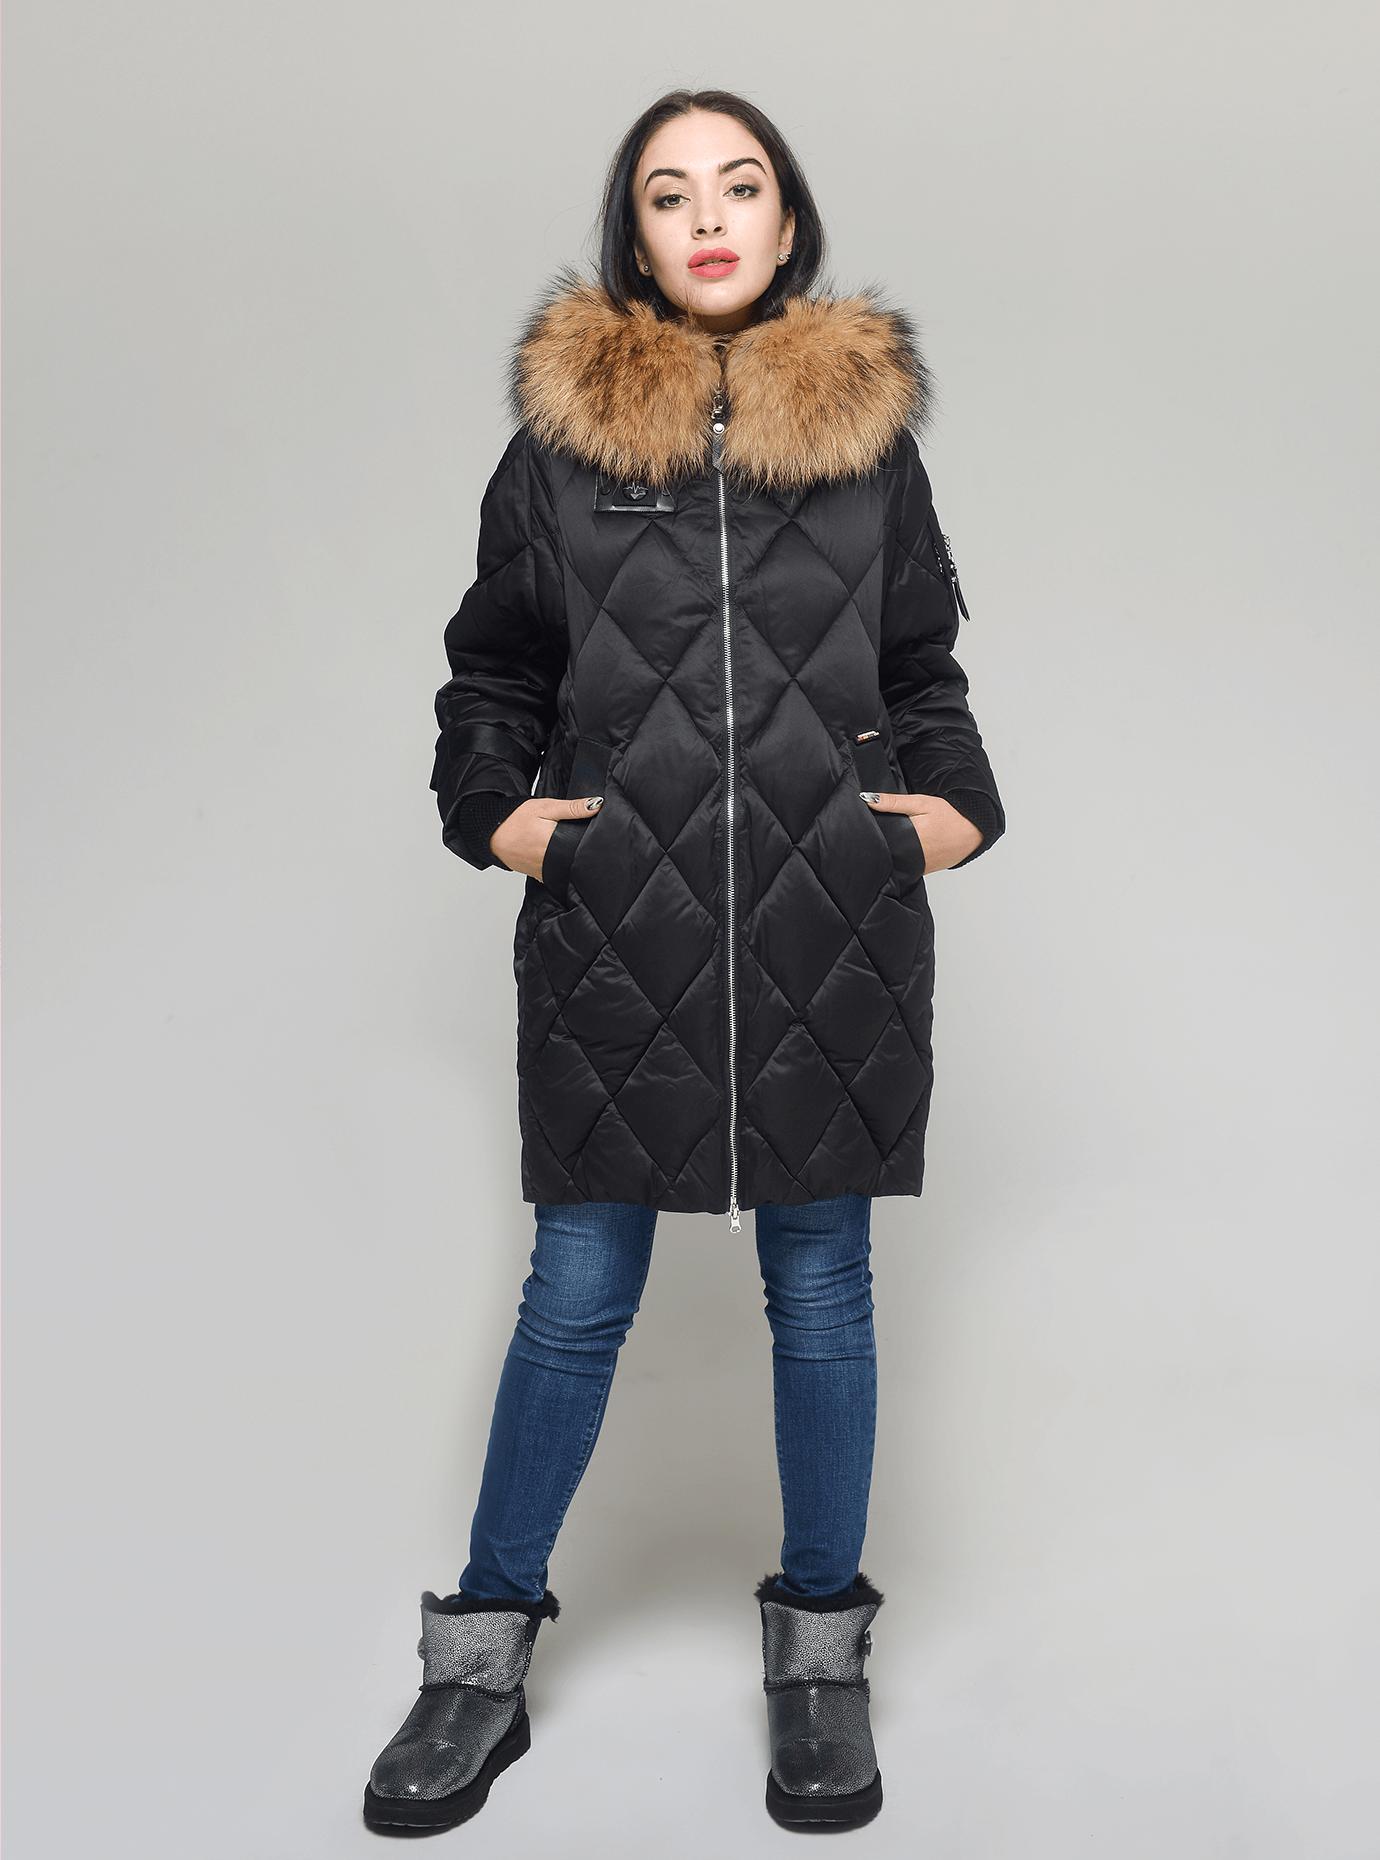 Пуховик женский с мехом енота Чёрный S (01-RR17048): фото - Alster.ua